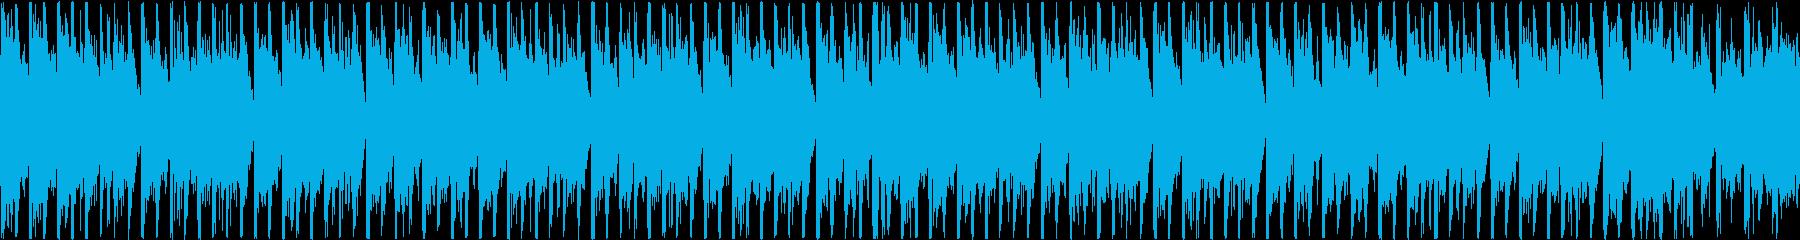 クールでエレガントなハウスミュージックの再生済みの波形